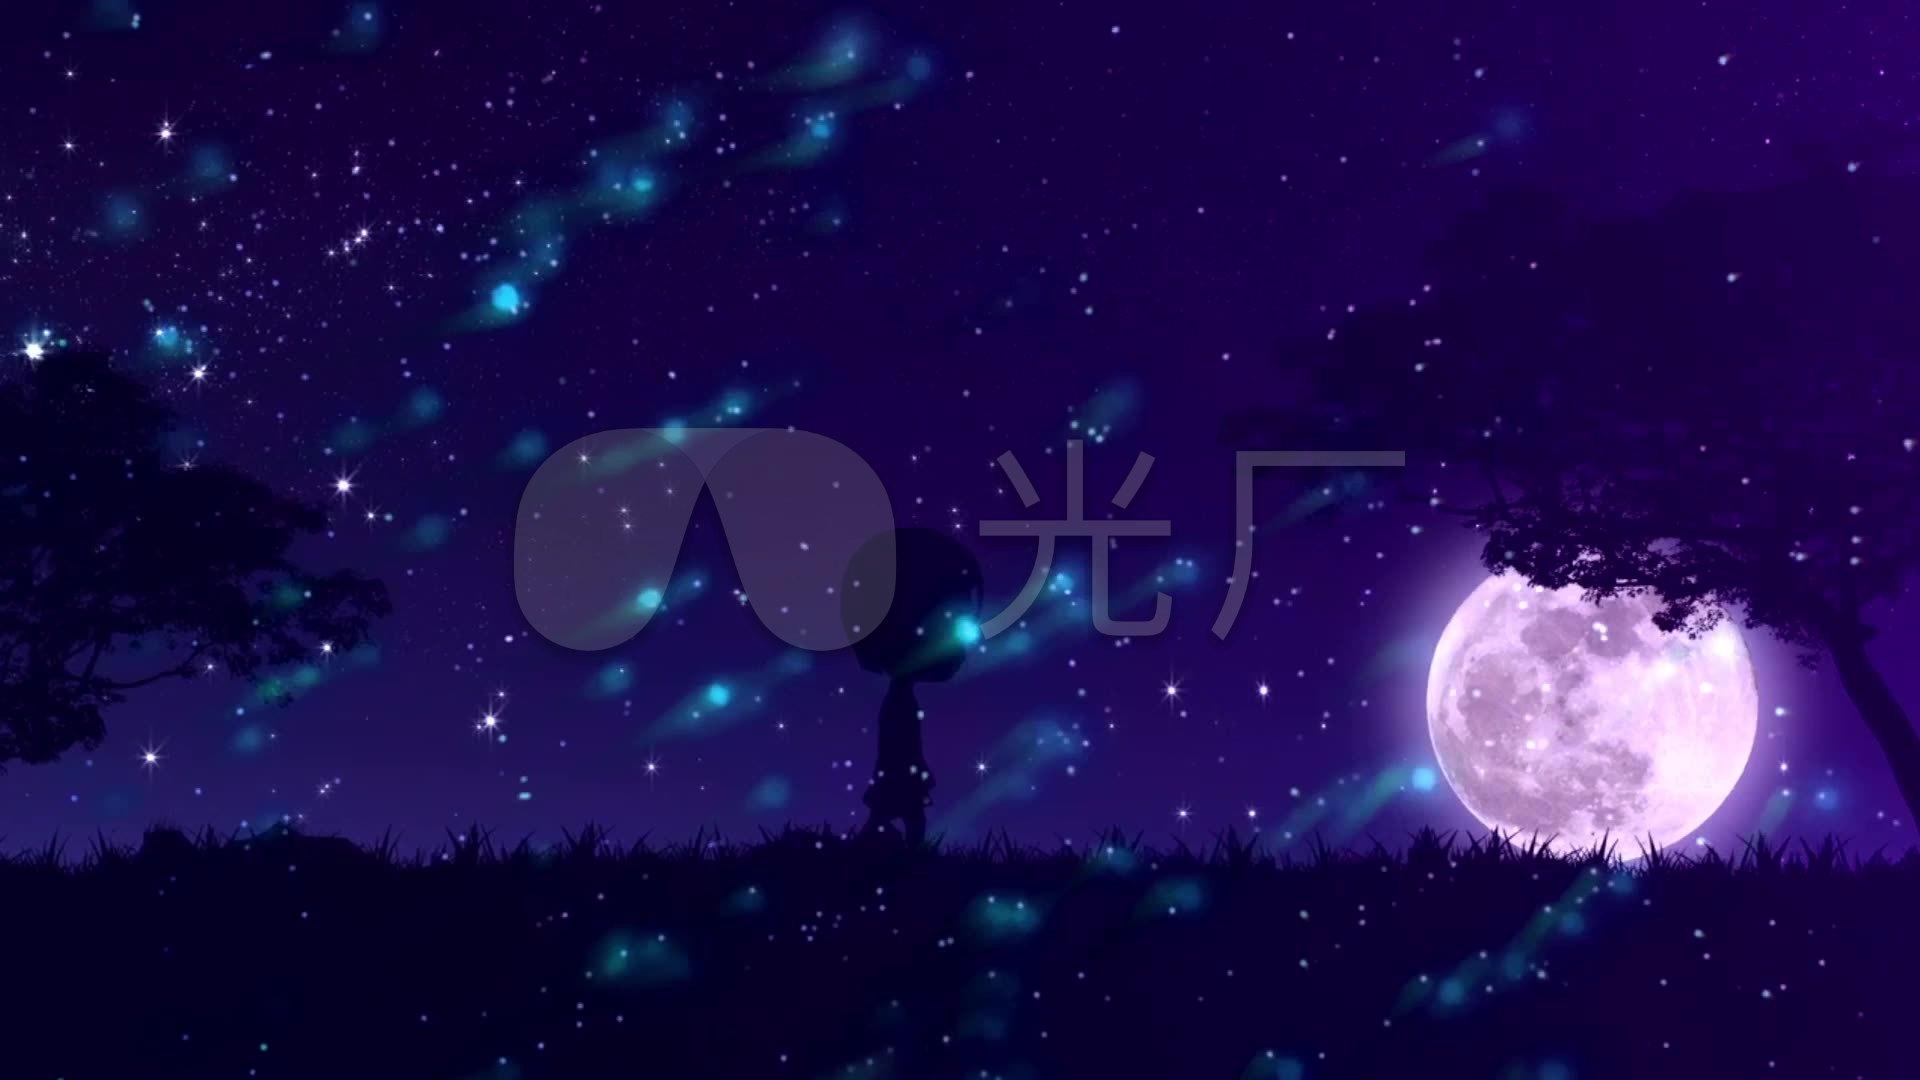 虫儿飞儿童卡通星空城市夜晚_1920x1080_高清视频素材图片